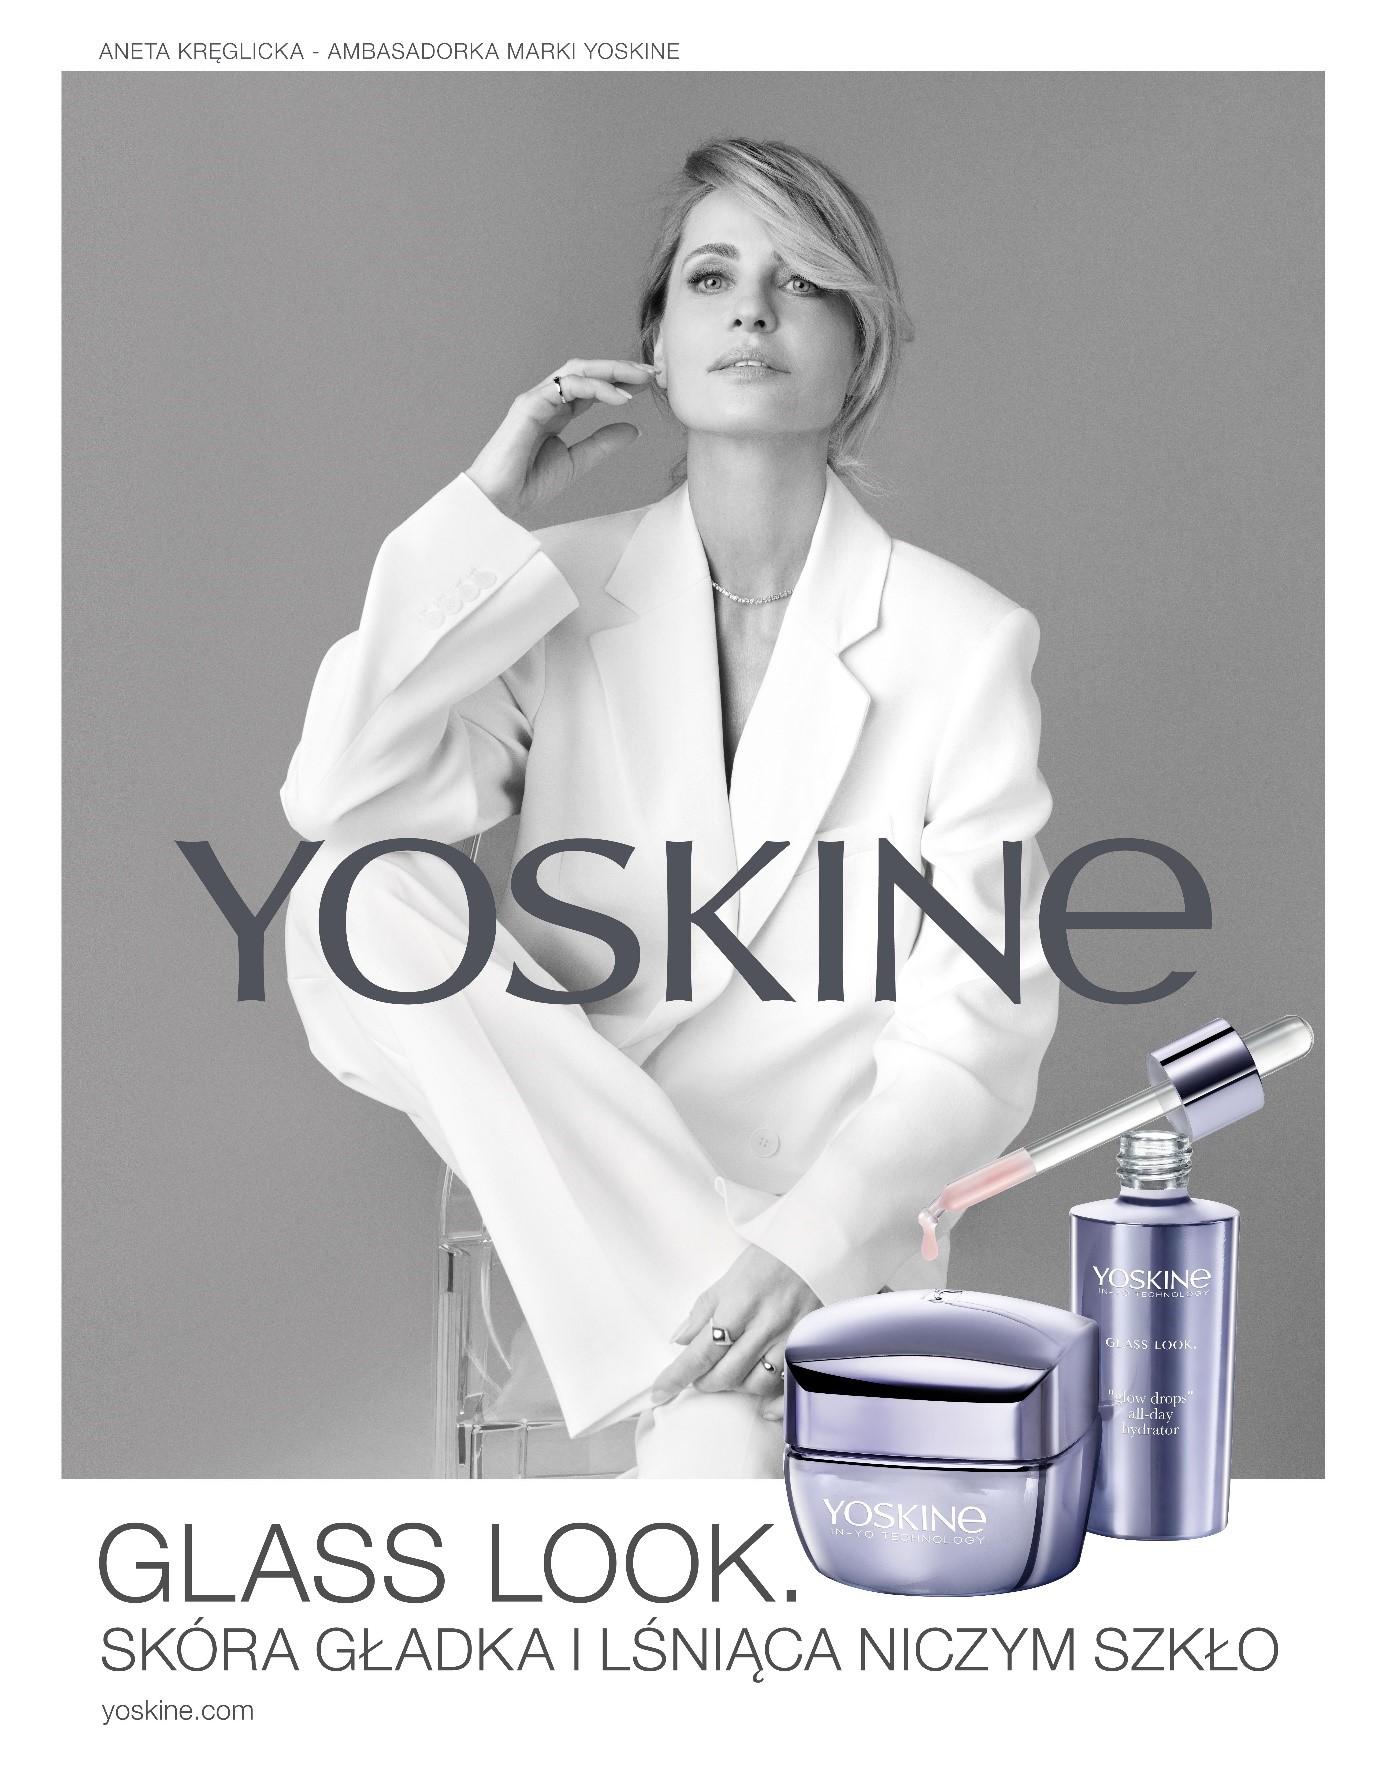 YOSKINE GLASS LOOK wyspa-kobiet.pl